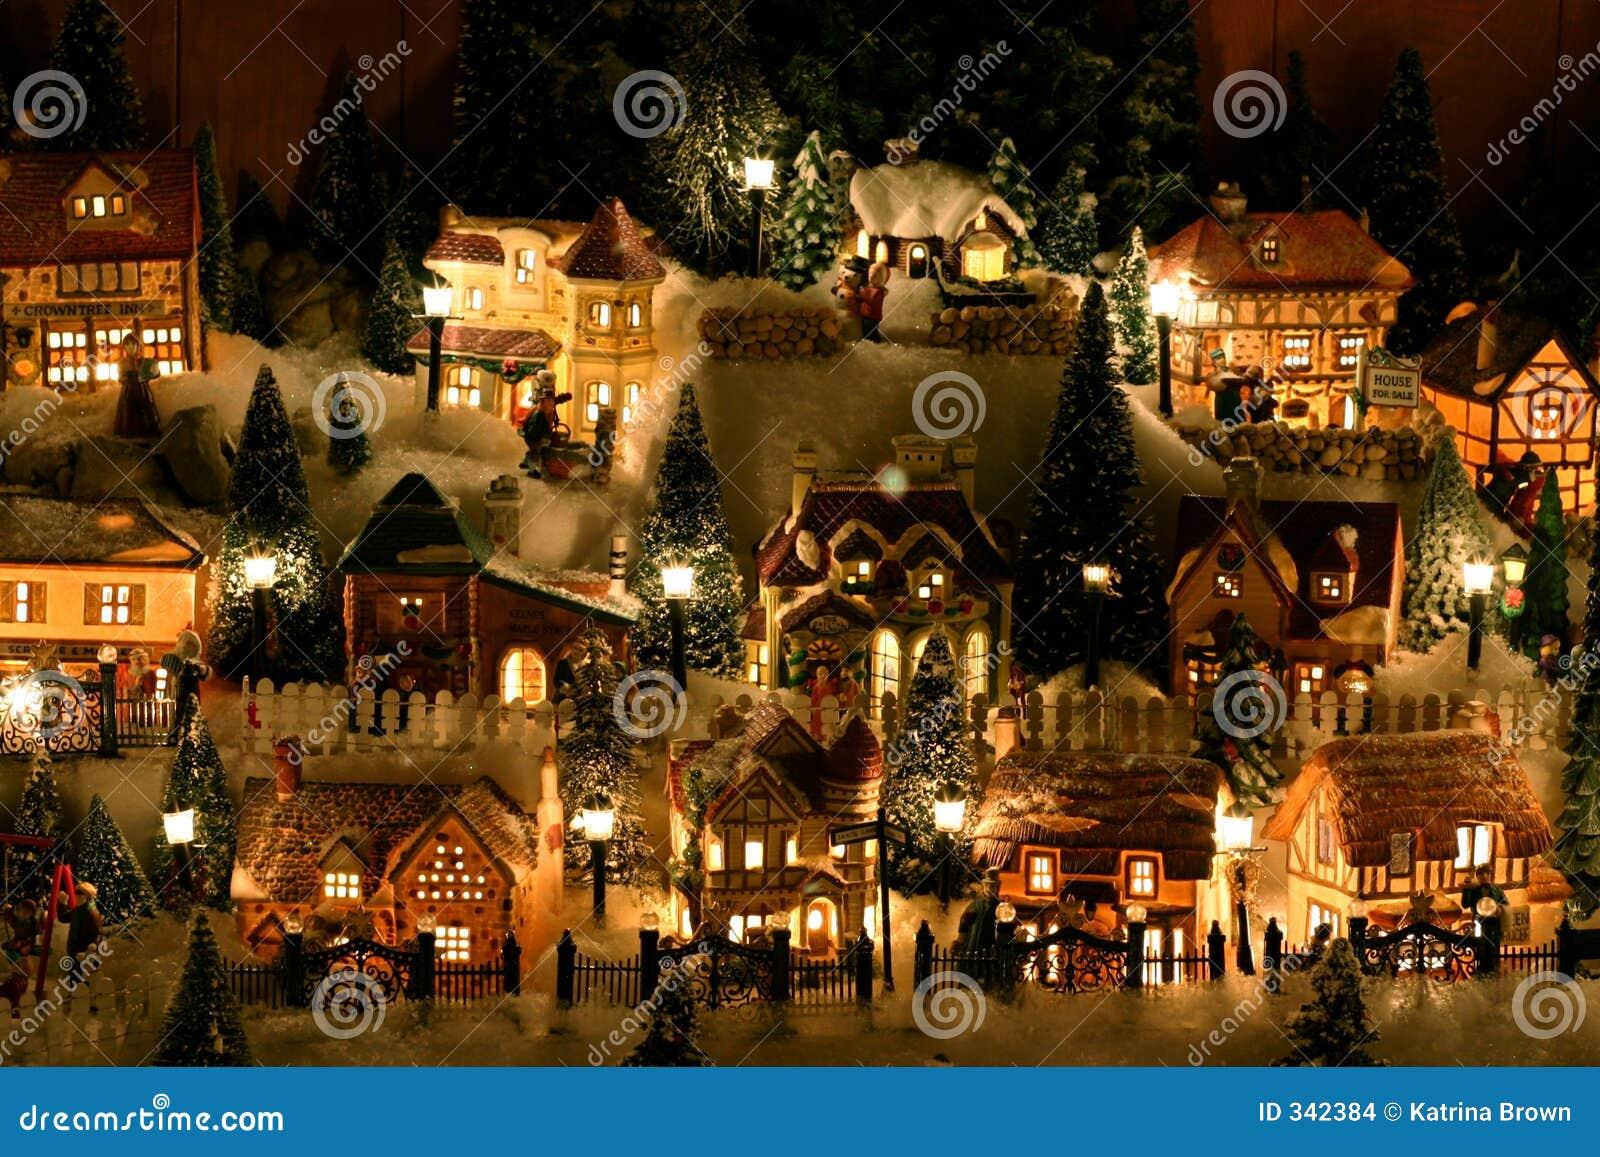 #B64B0B Village Miniature De Noël Images Stock Image: 342384 6119 decoration de noel village animé 1300x957 px @ aertt.com